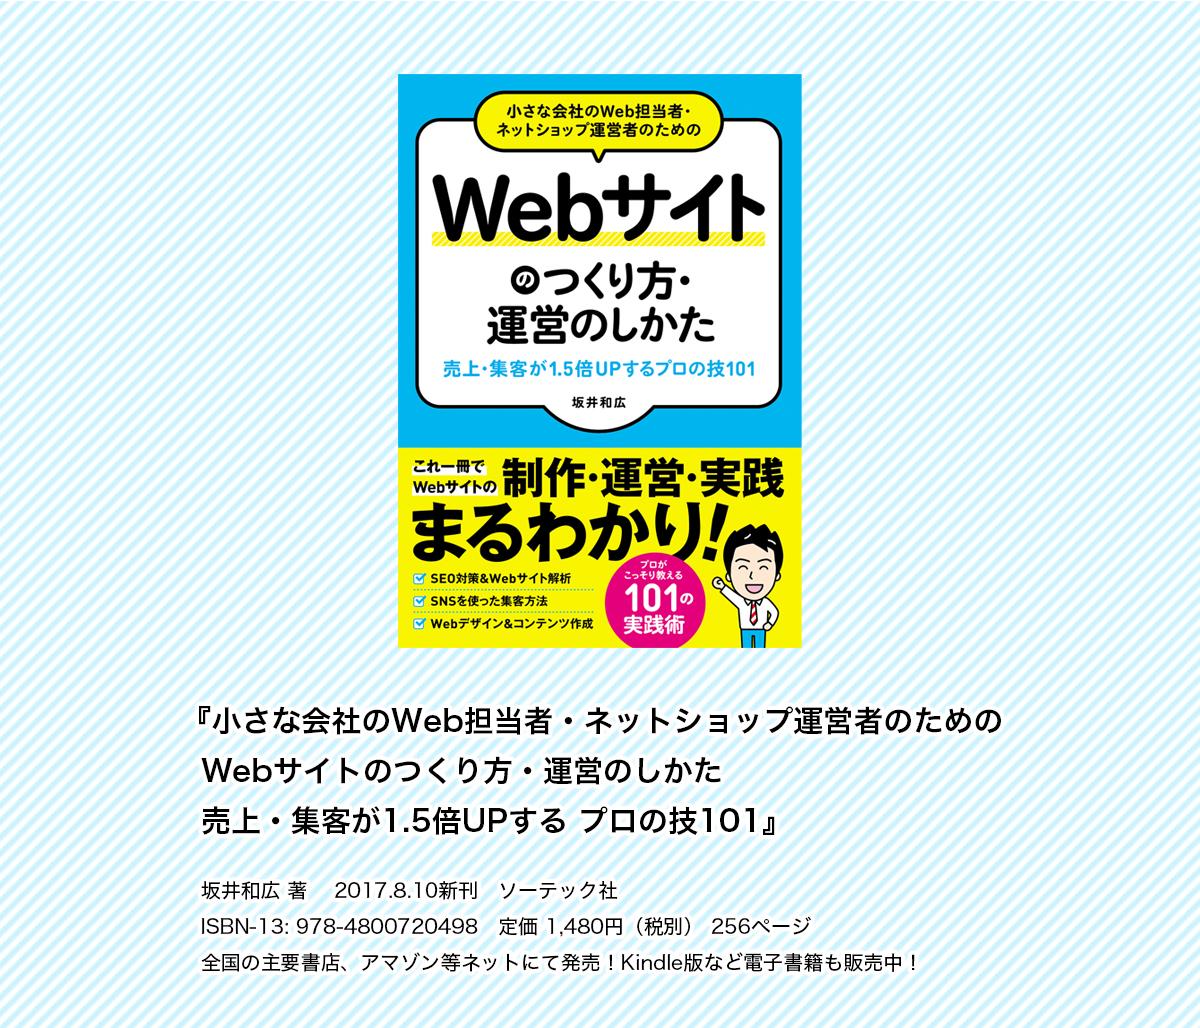 webサイトのつくり方 運営のしかた 著者 坂井和広 特設サイト